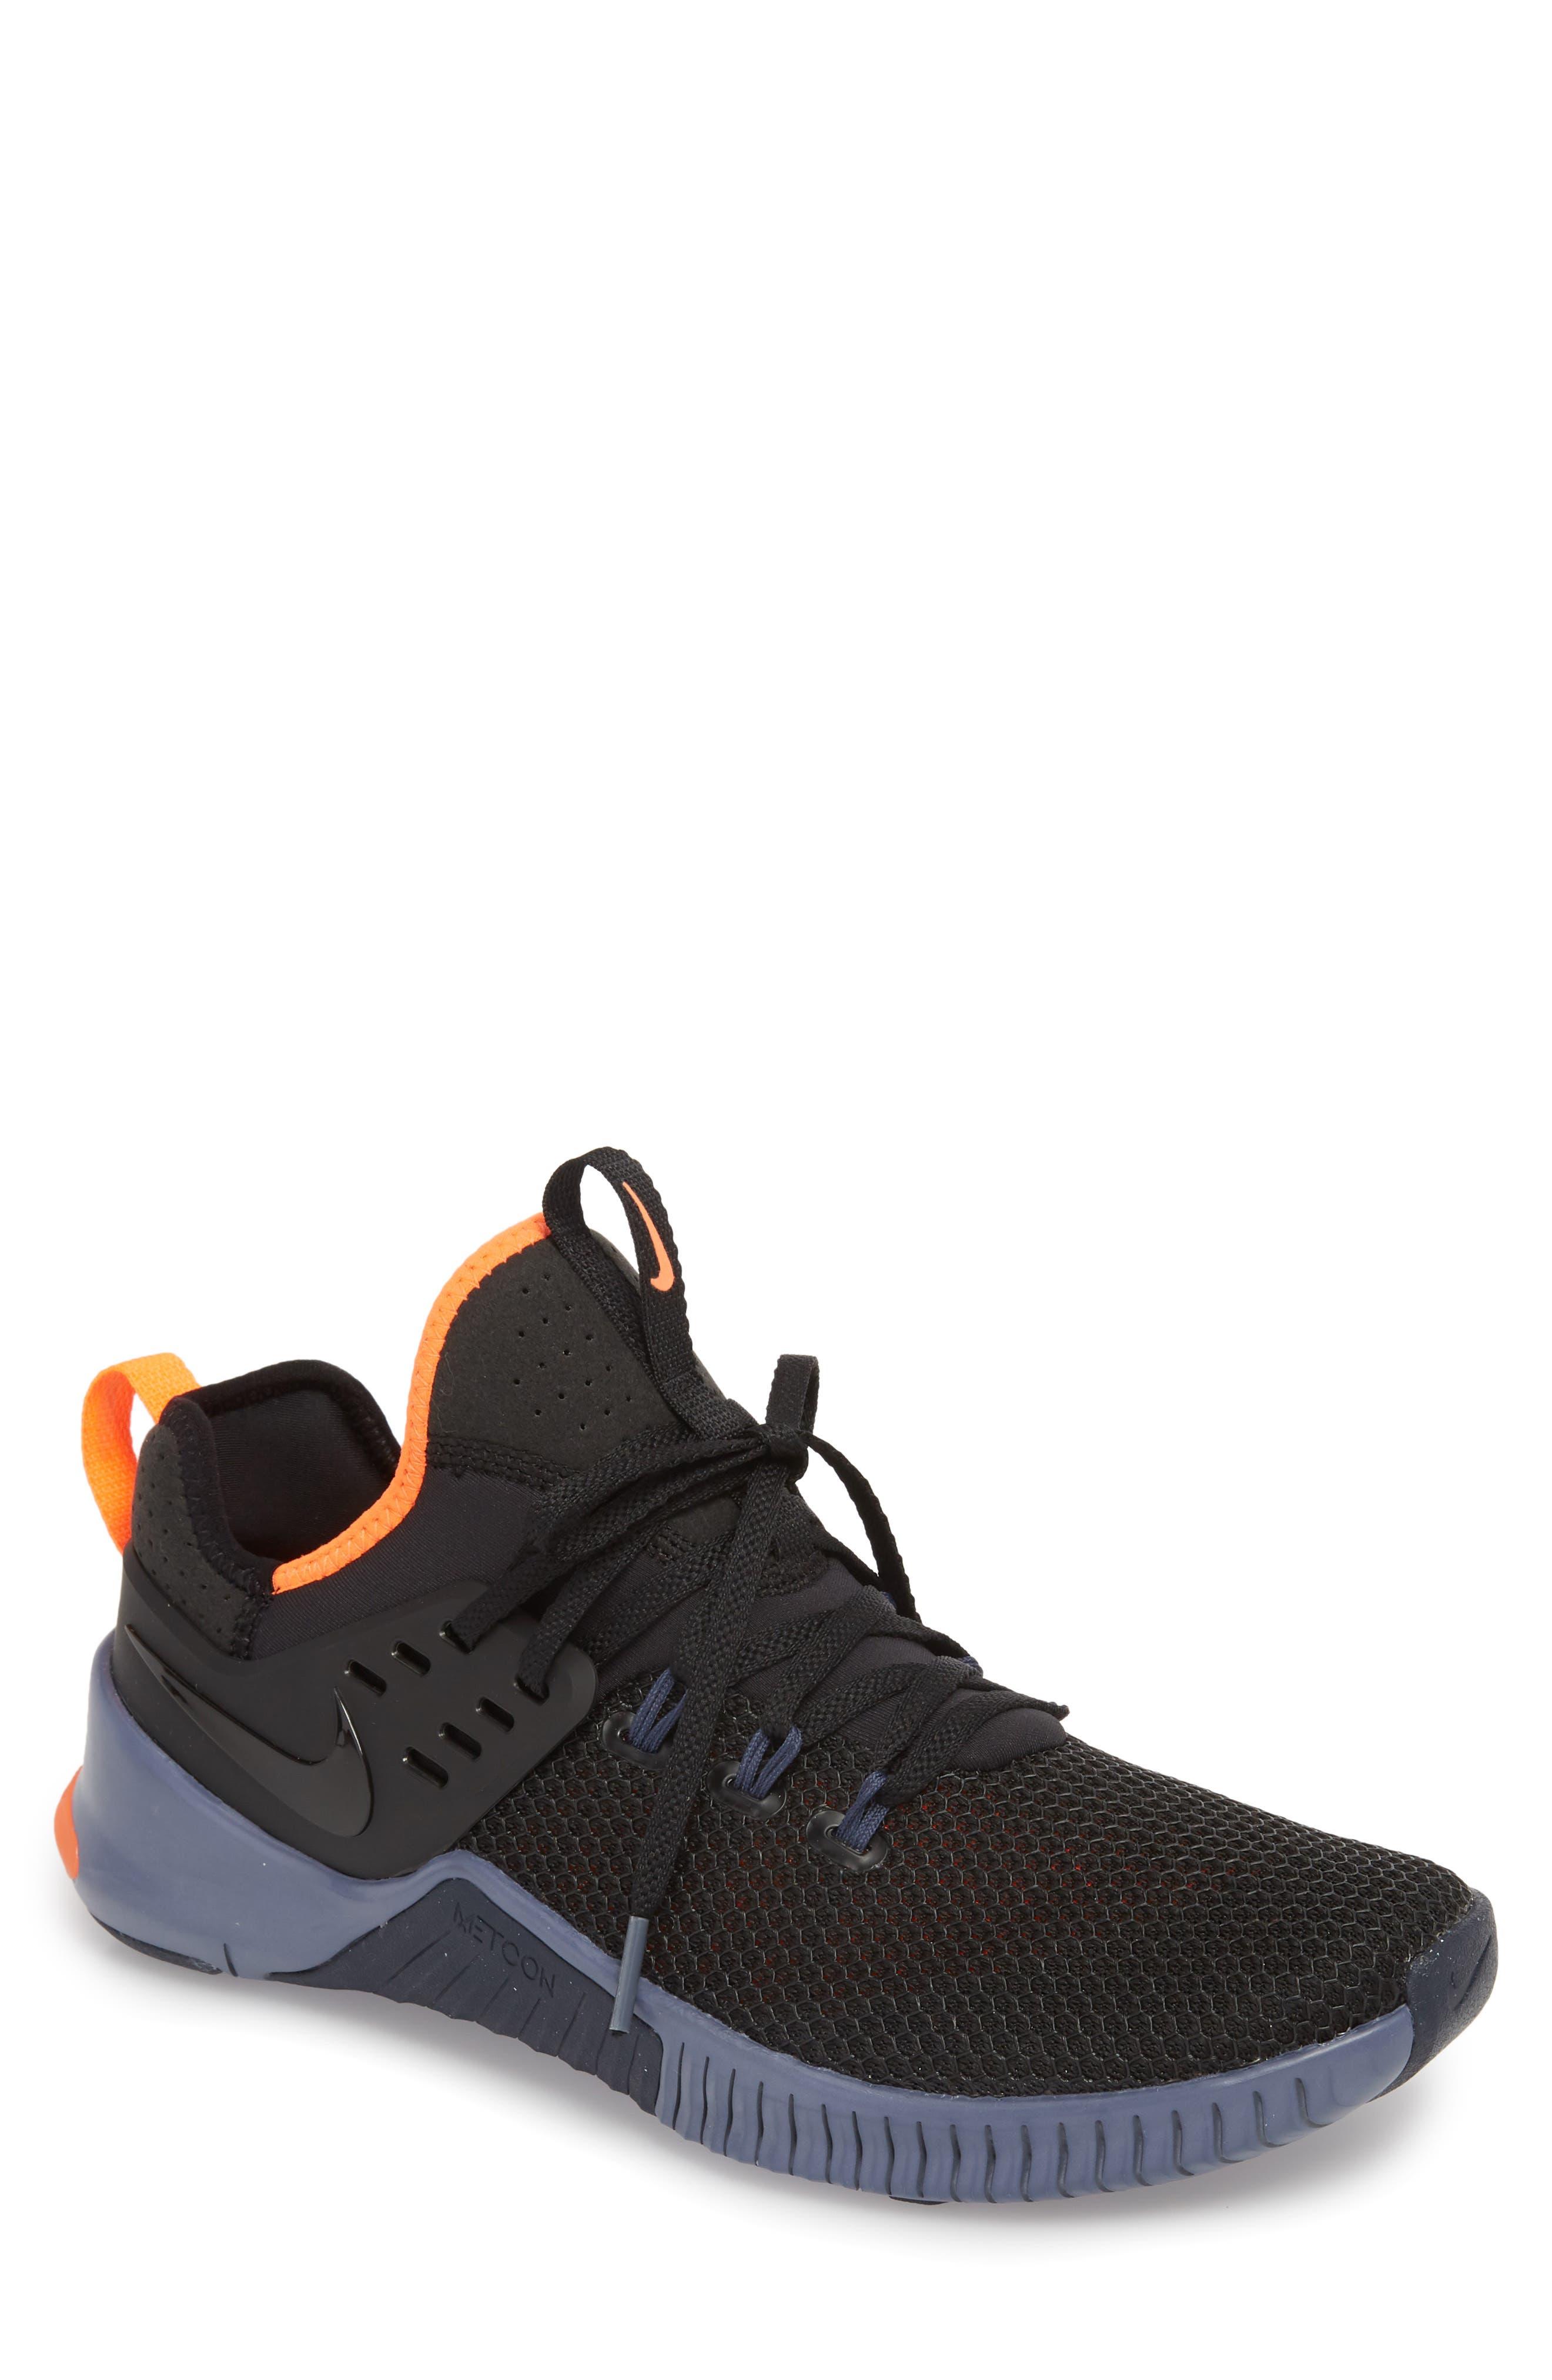 Free x Metcon Training Shoe,                             Main thumbnail 1, color,                             Black/ Thunder Blue